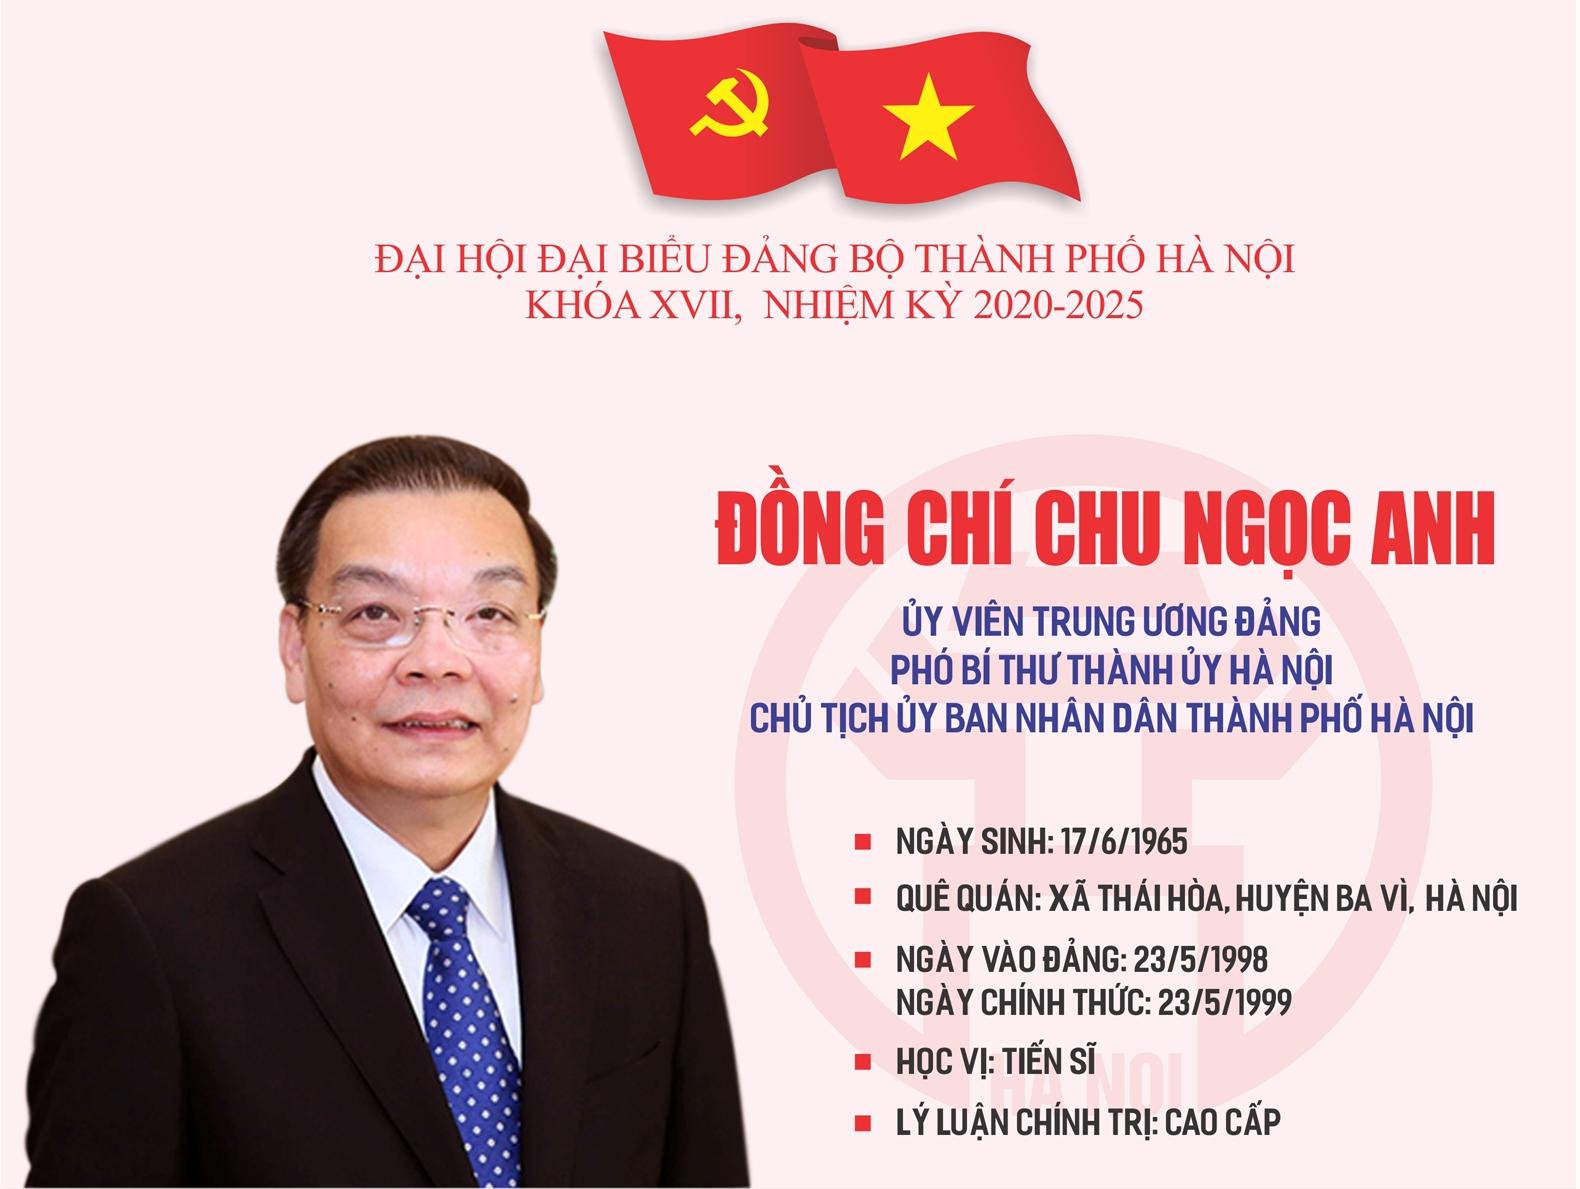 Infographic: Tóm tắt quá trình công tác của Phó Bí thư Thành ủy Hà Nội Chu Ngọc Anh